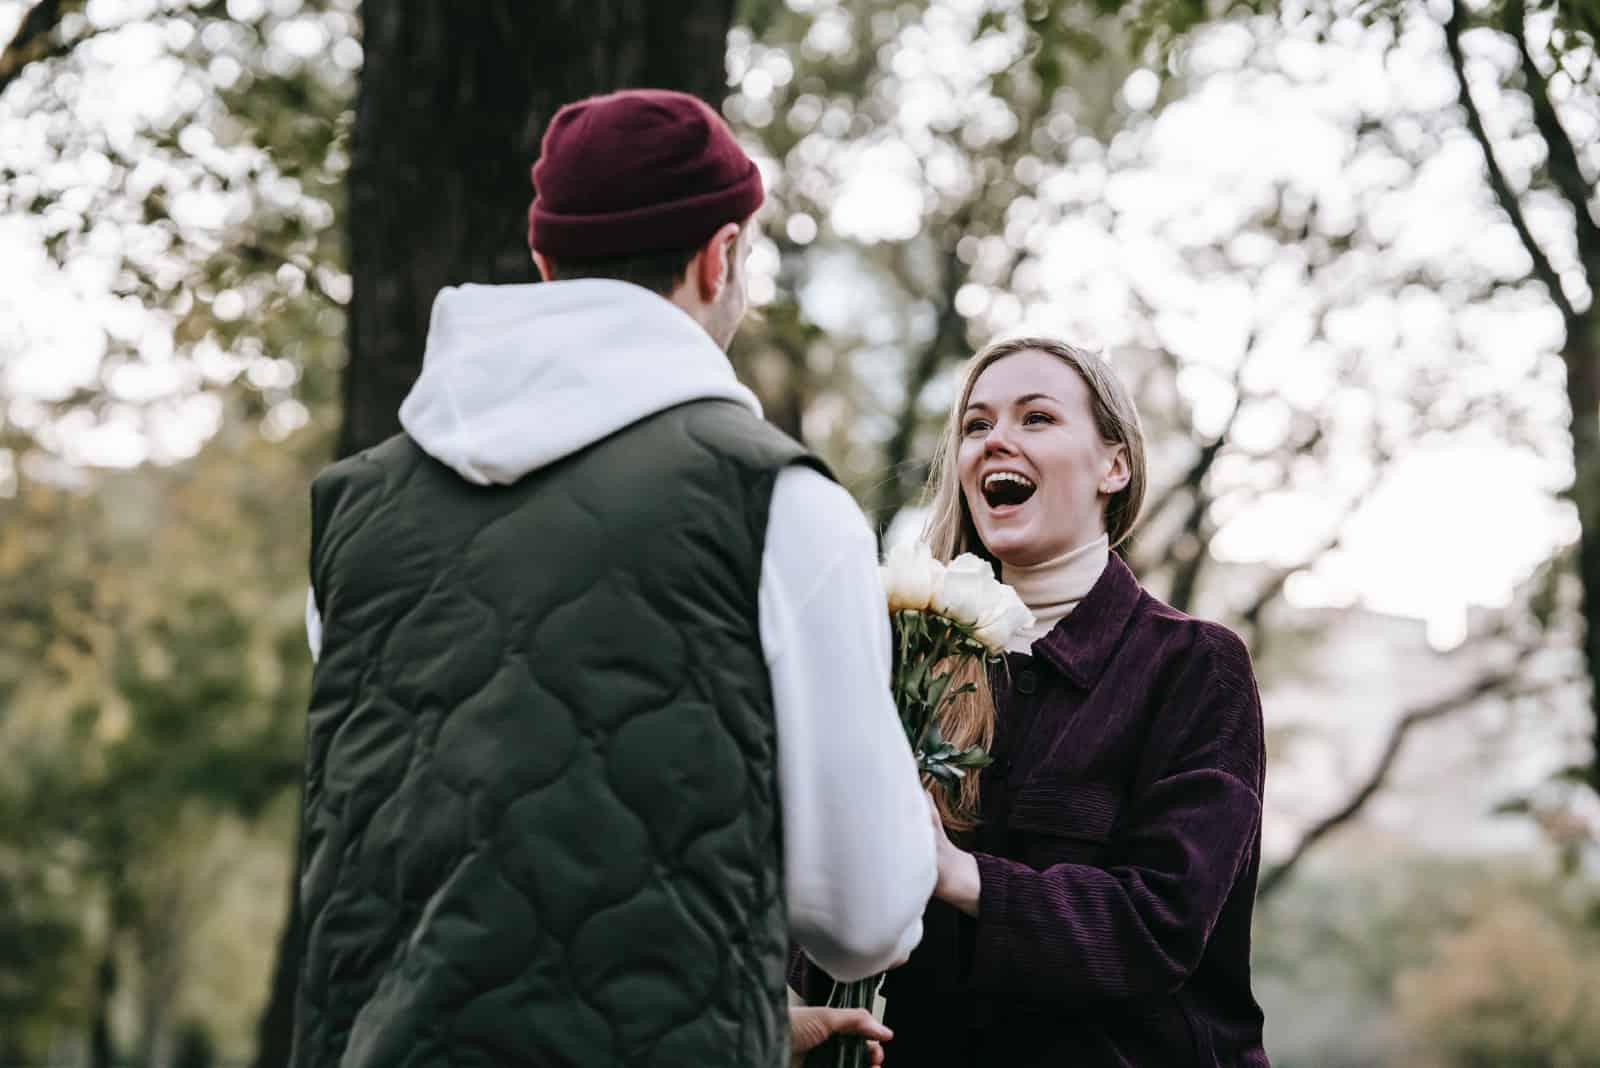 homme donnant un bouquet de fleurs à une femme en plein air